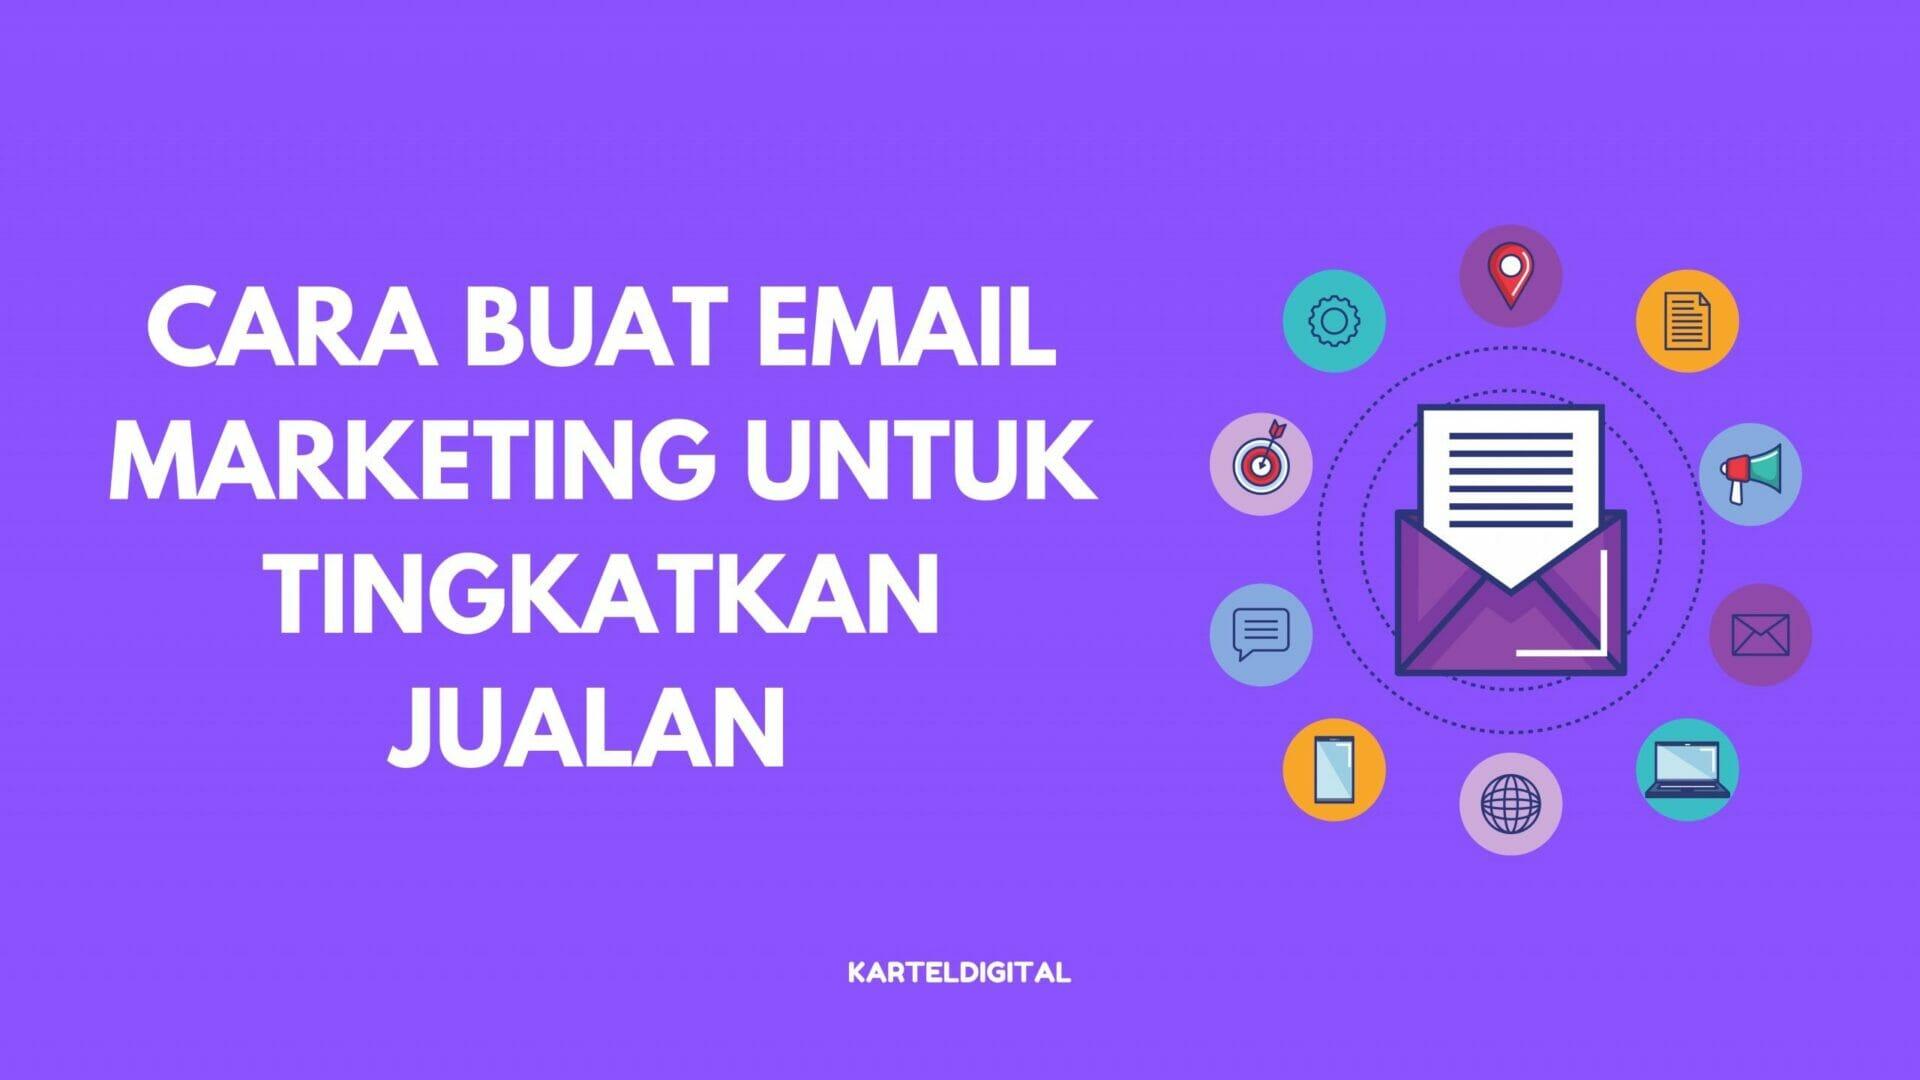 cara buat email marketing untuk tingkatkan jualan online